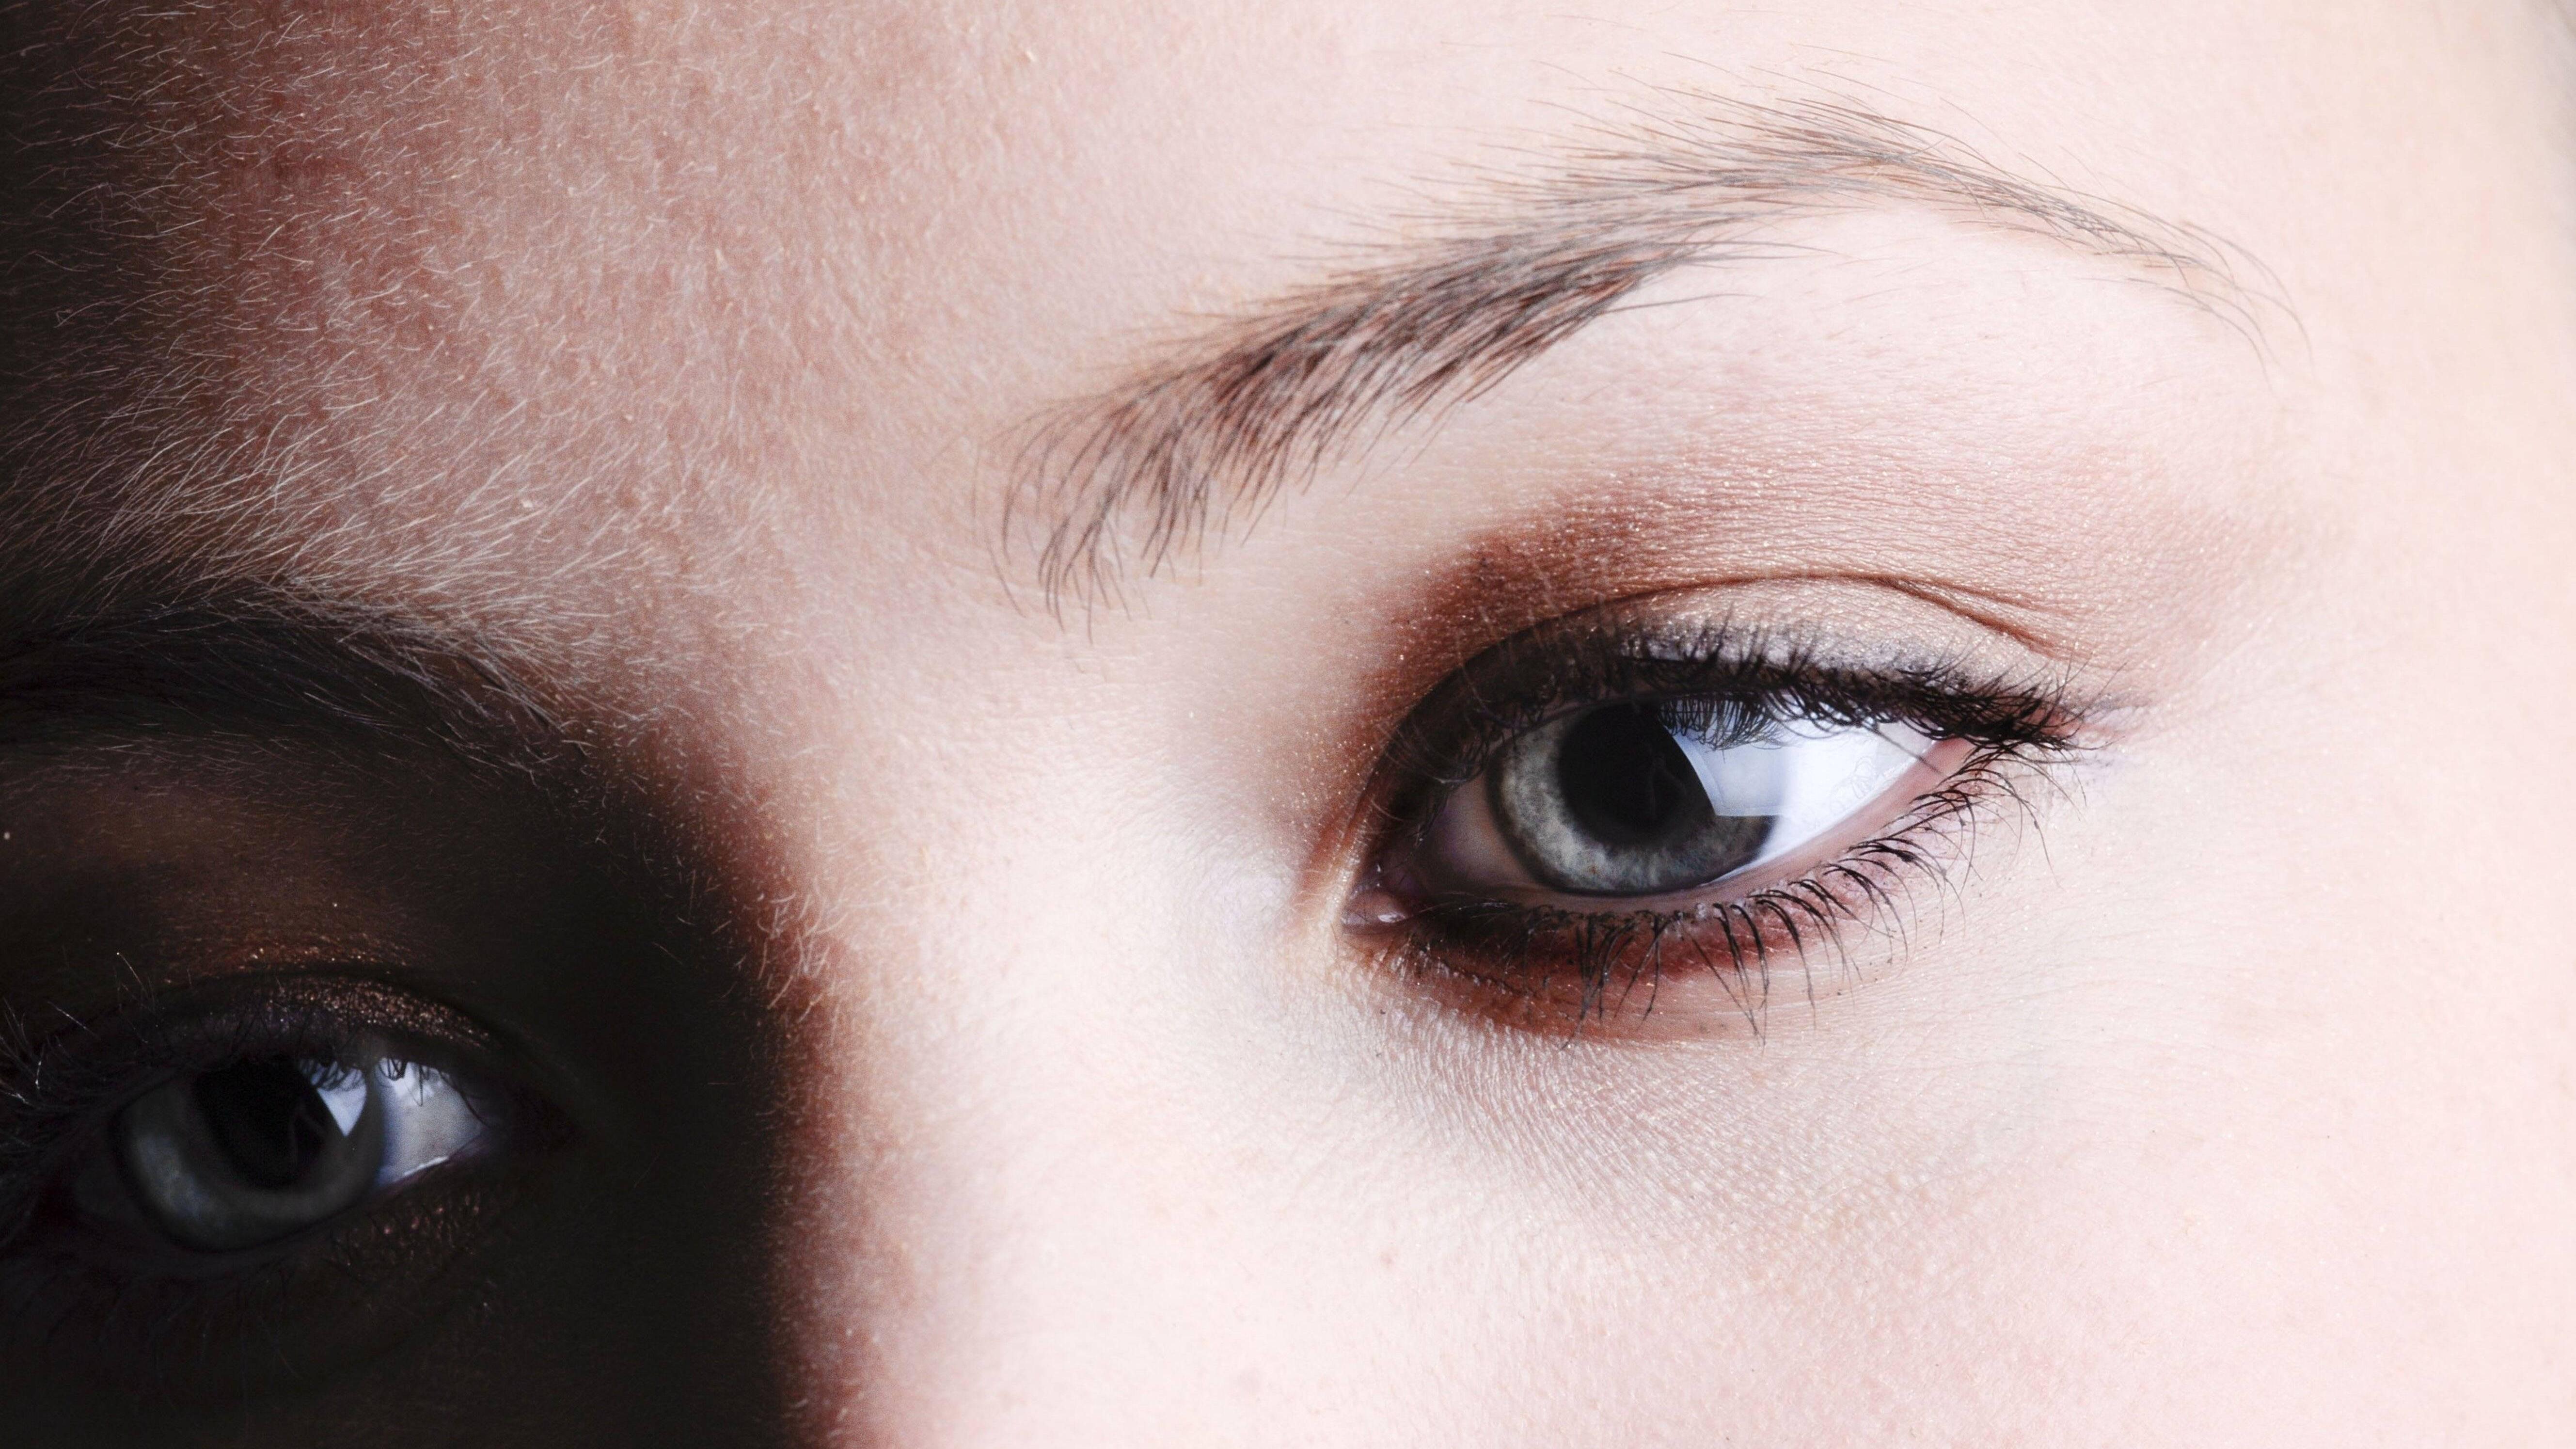 Augenbrauen selber färben: Das sollten Sie beachten